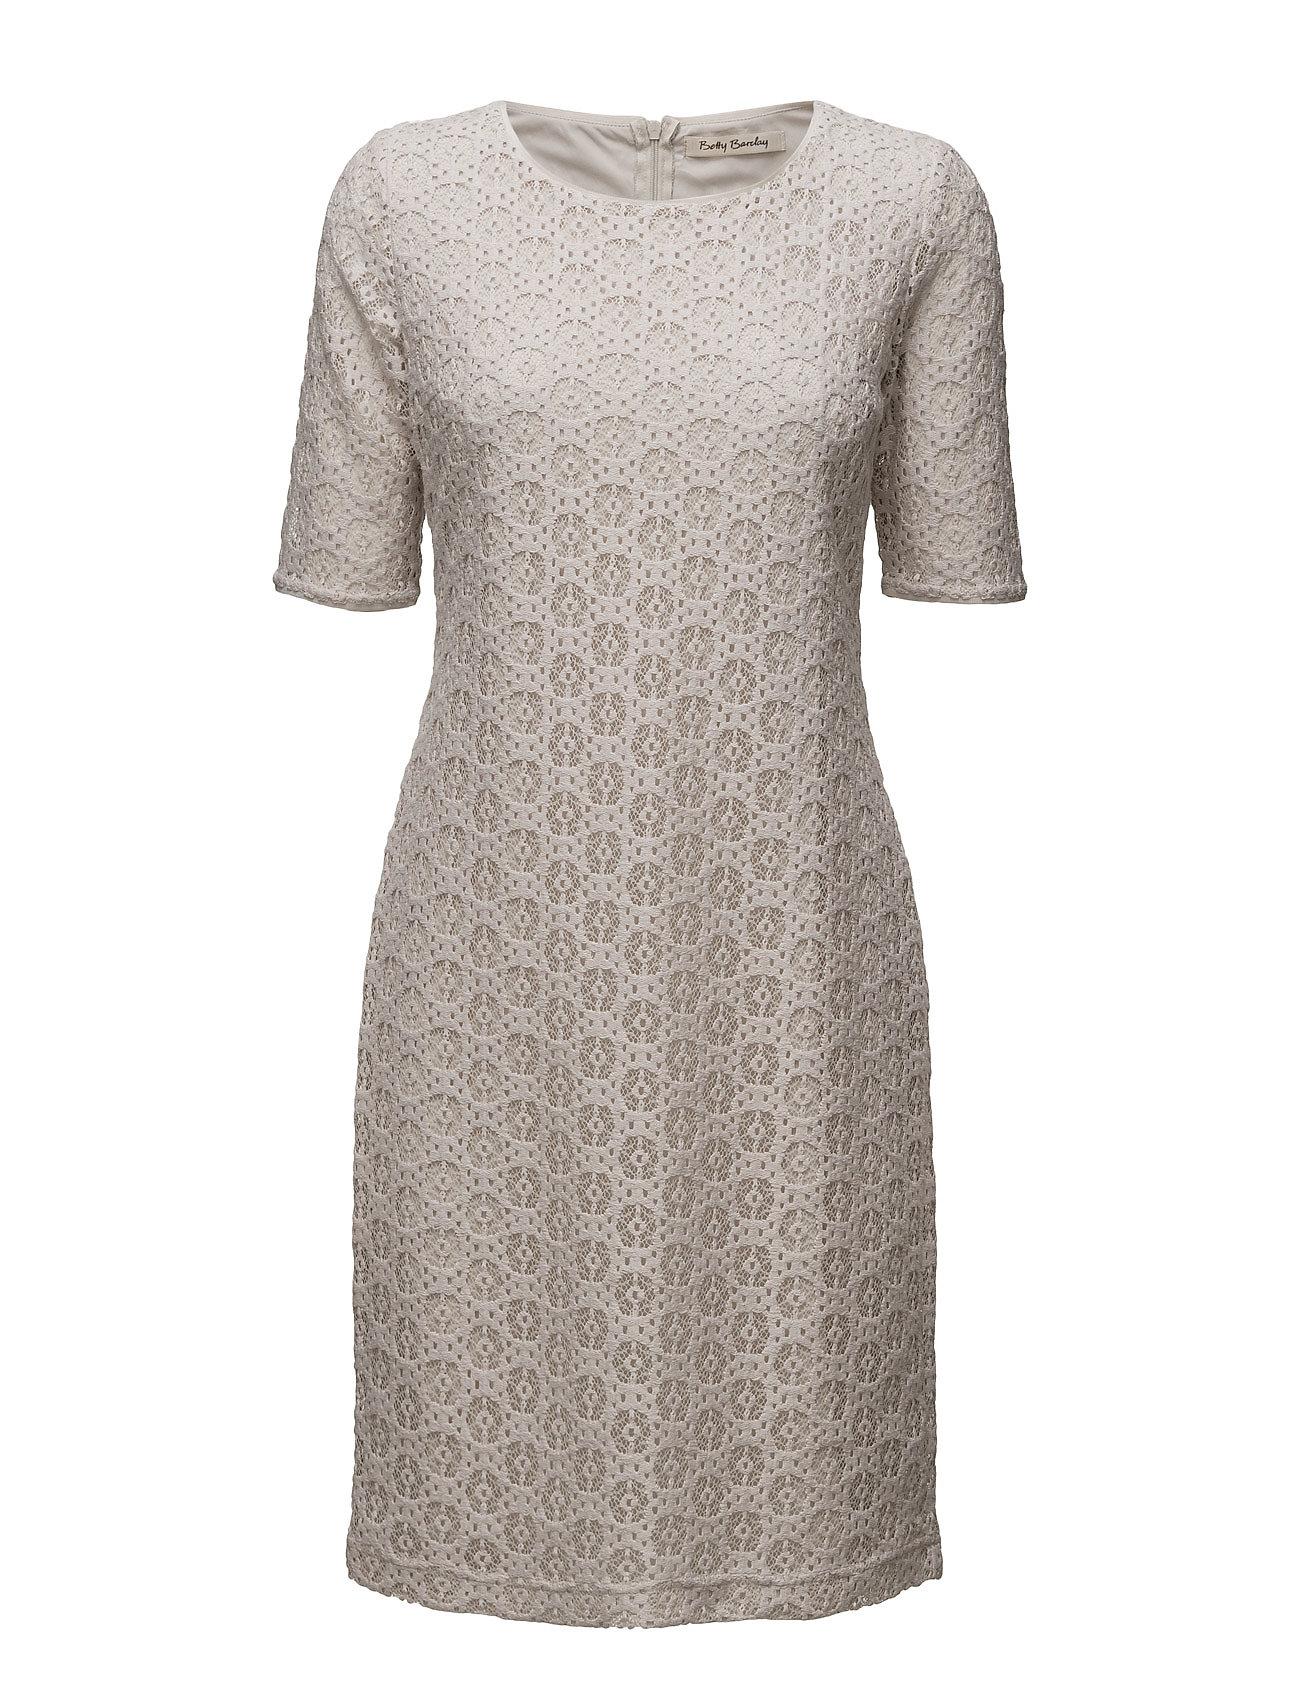 Dress Short Betty Barclay Kjoler til Kvinder i